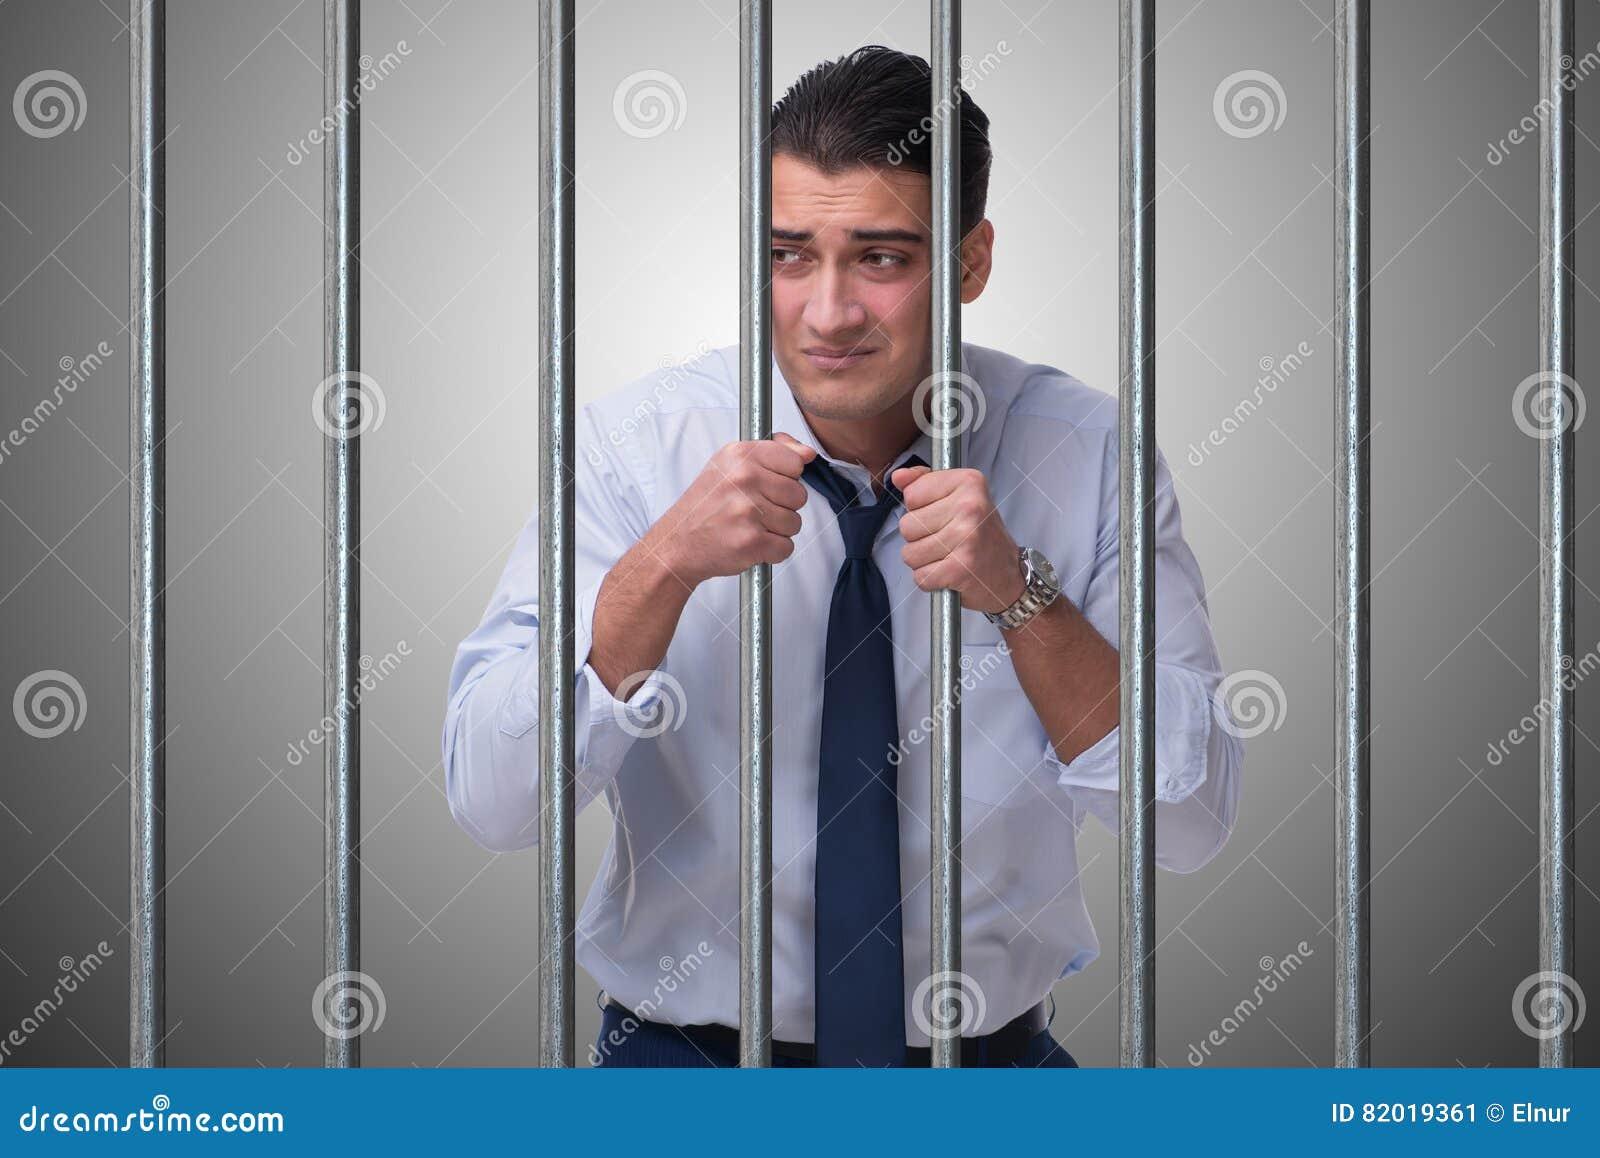 De jonge zakenman achter de bars in gevangenis